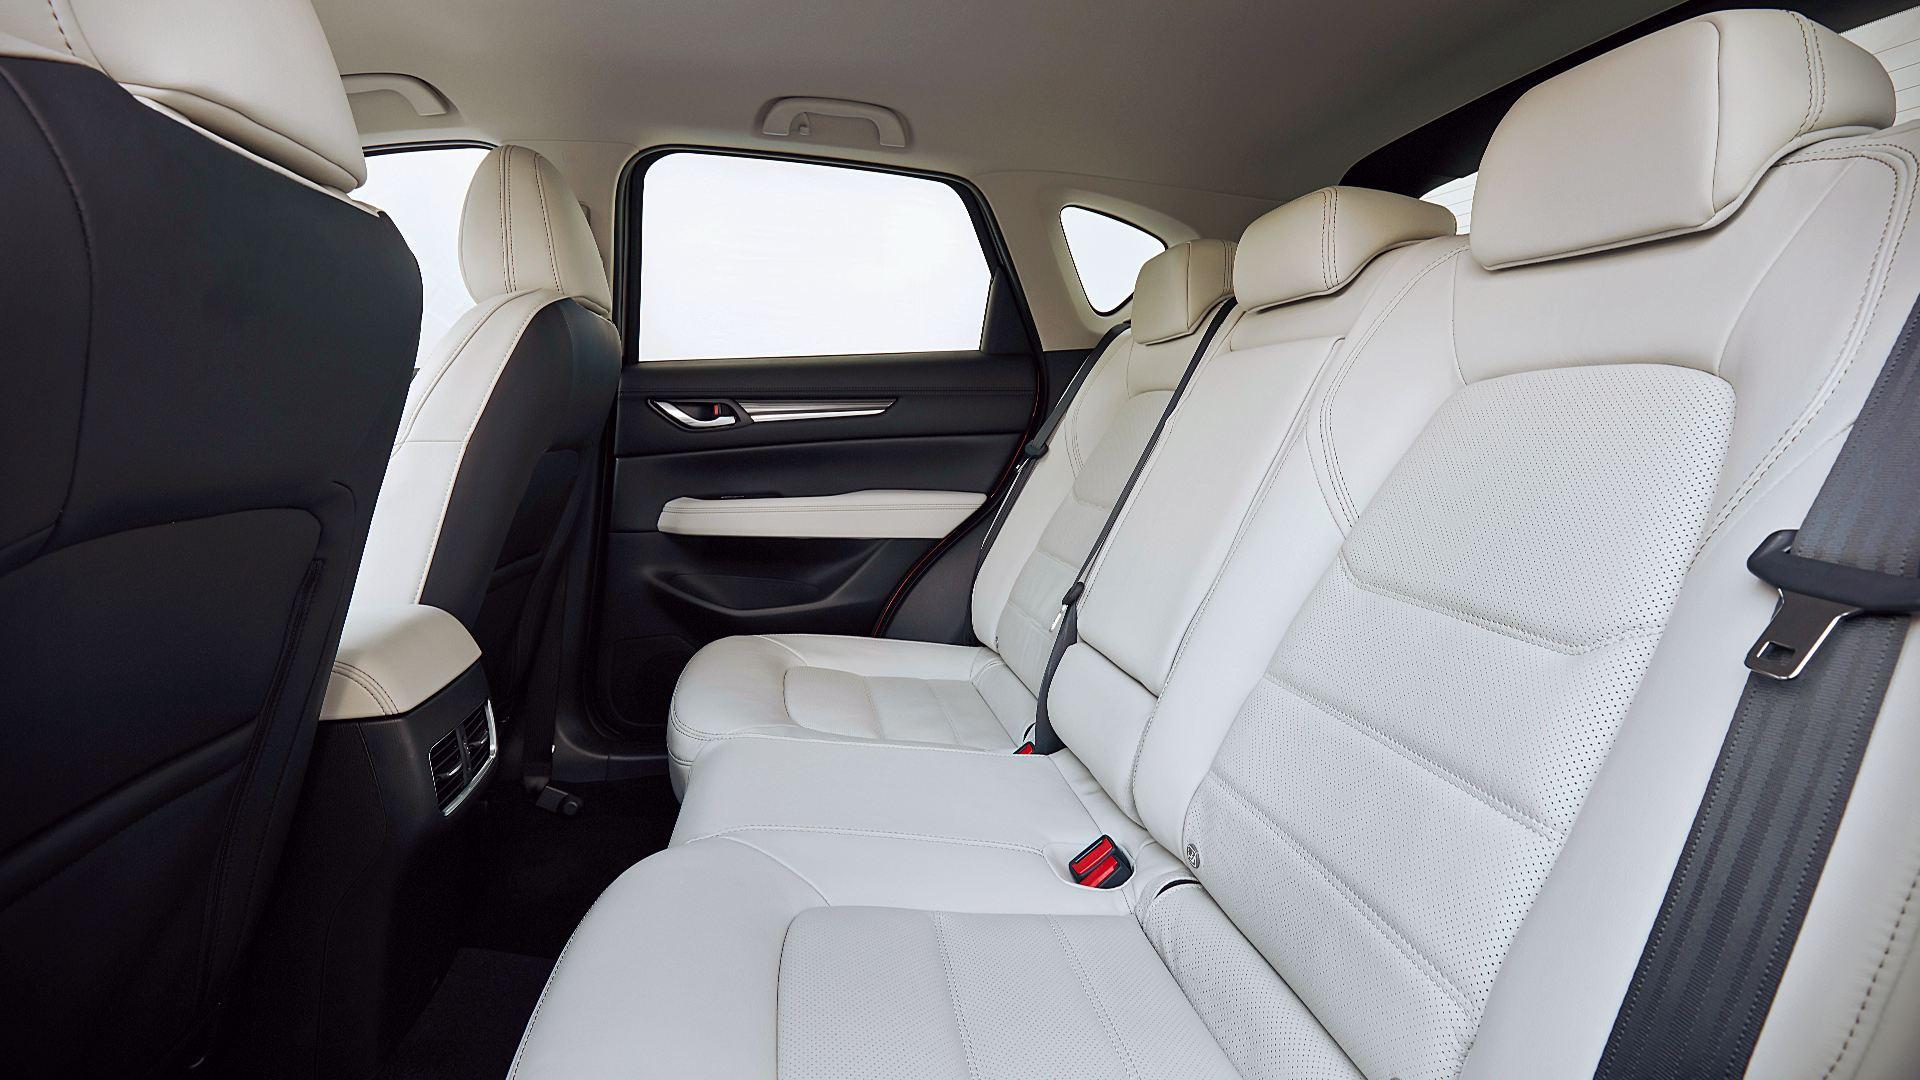 2020 Mazda CX-5 Grand Touring Interior